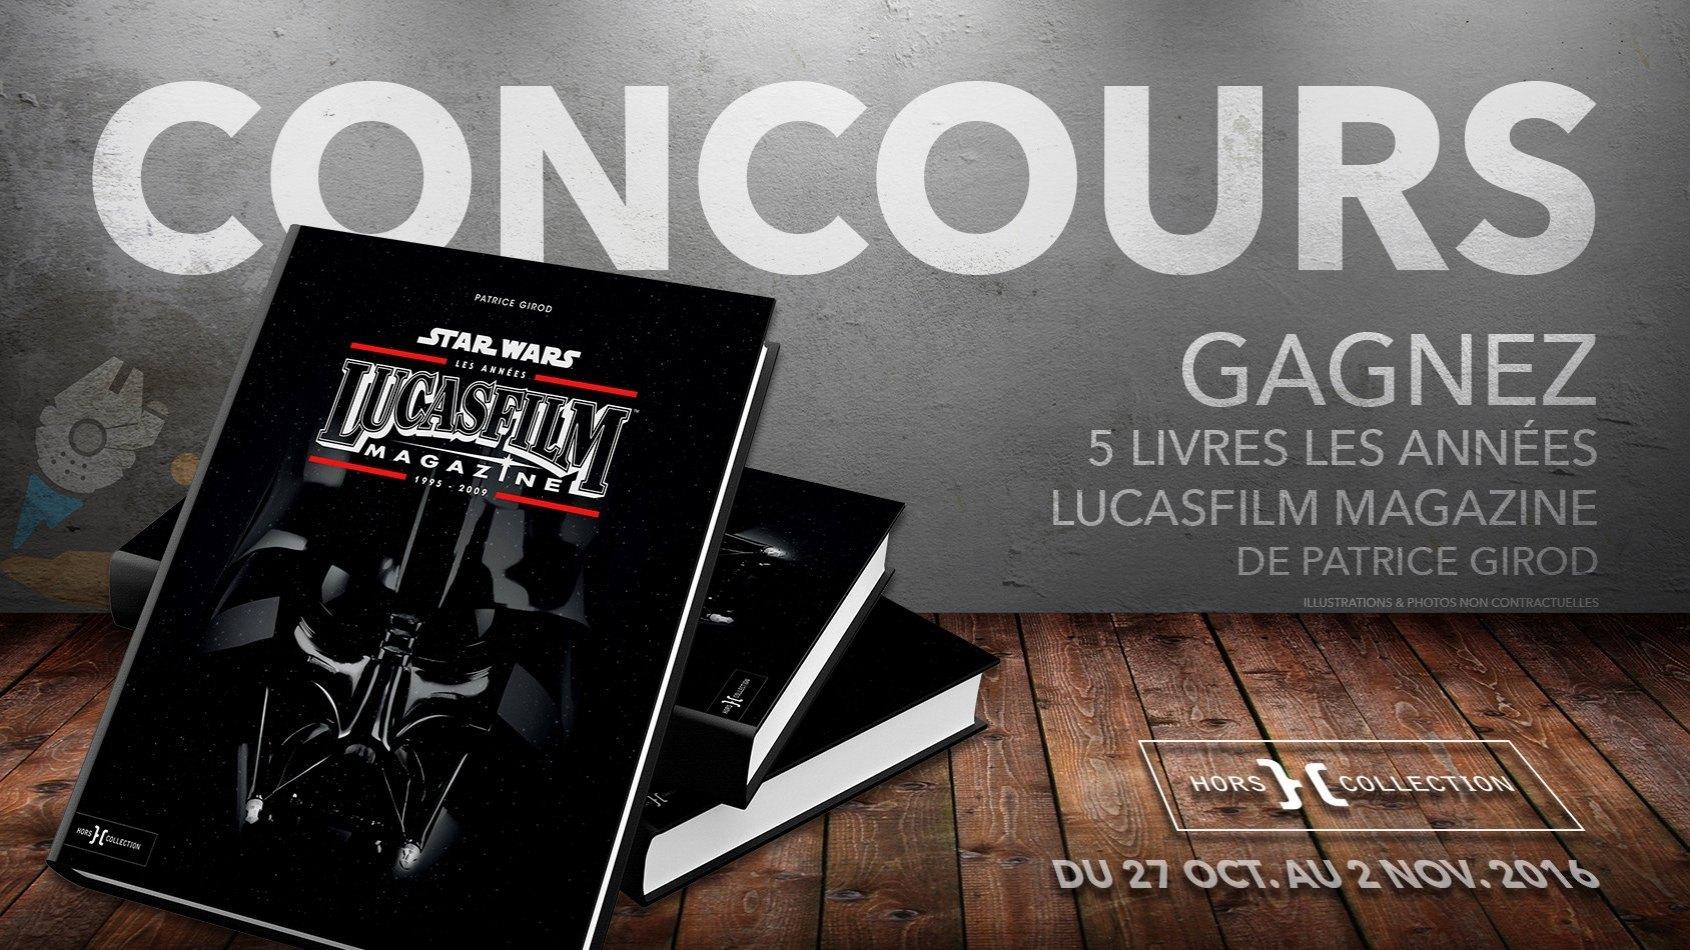 Concours : Gagnez 5 livres Les années Lucasfilm Magazine